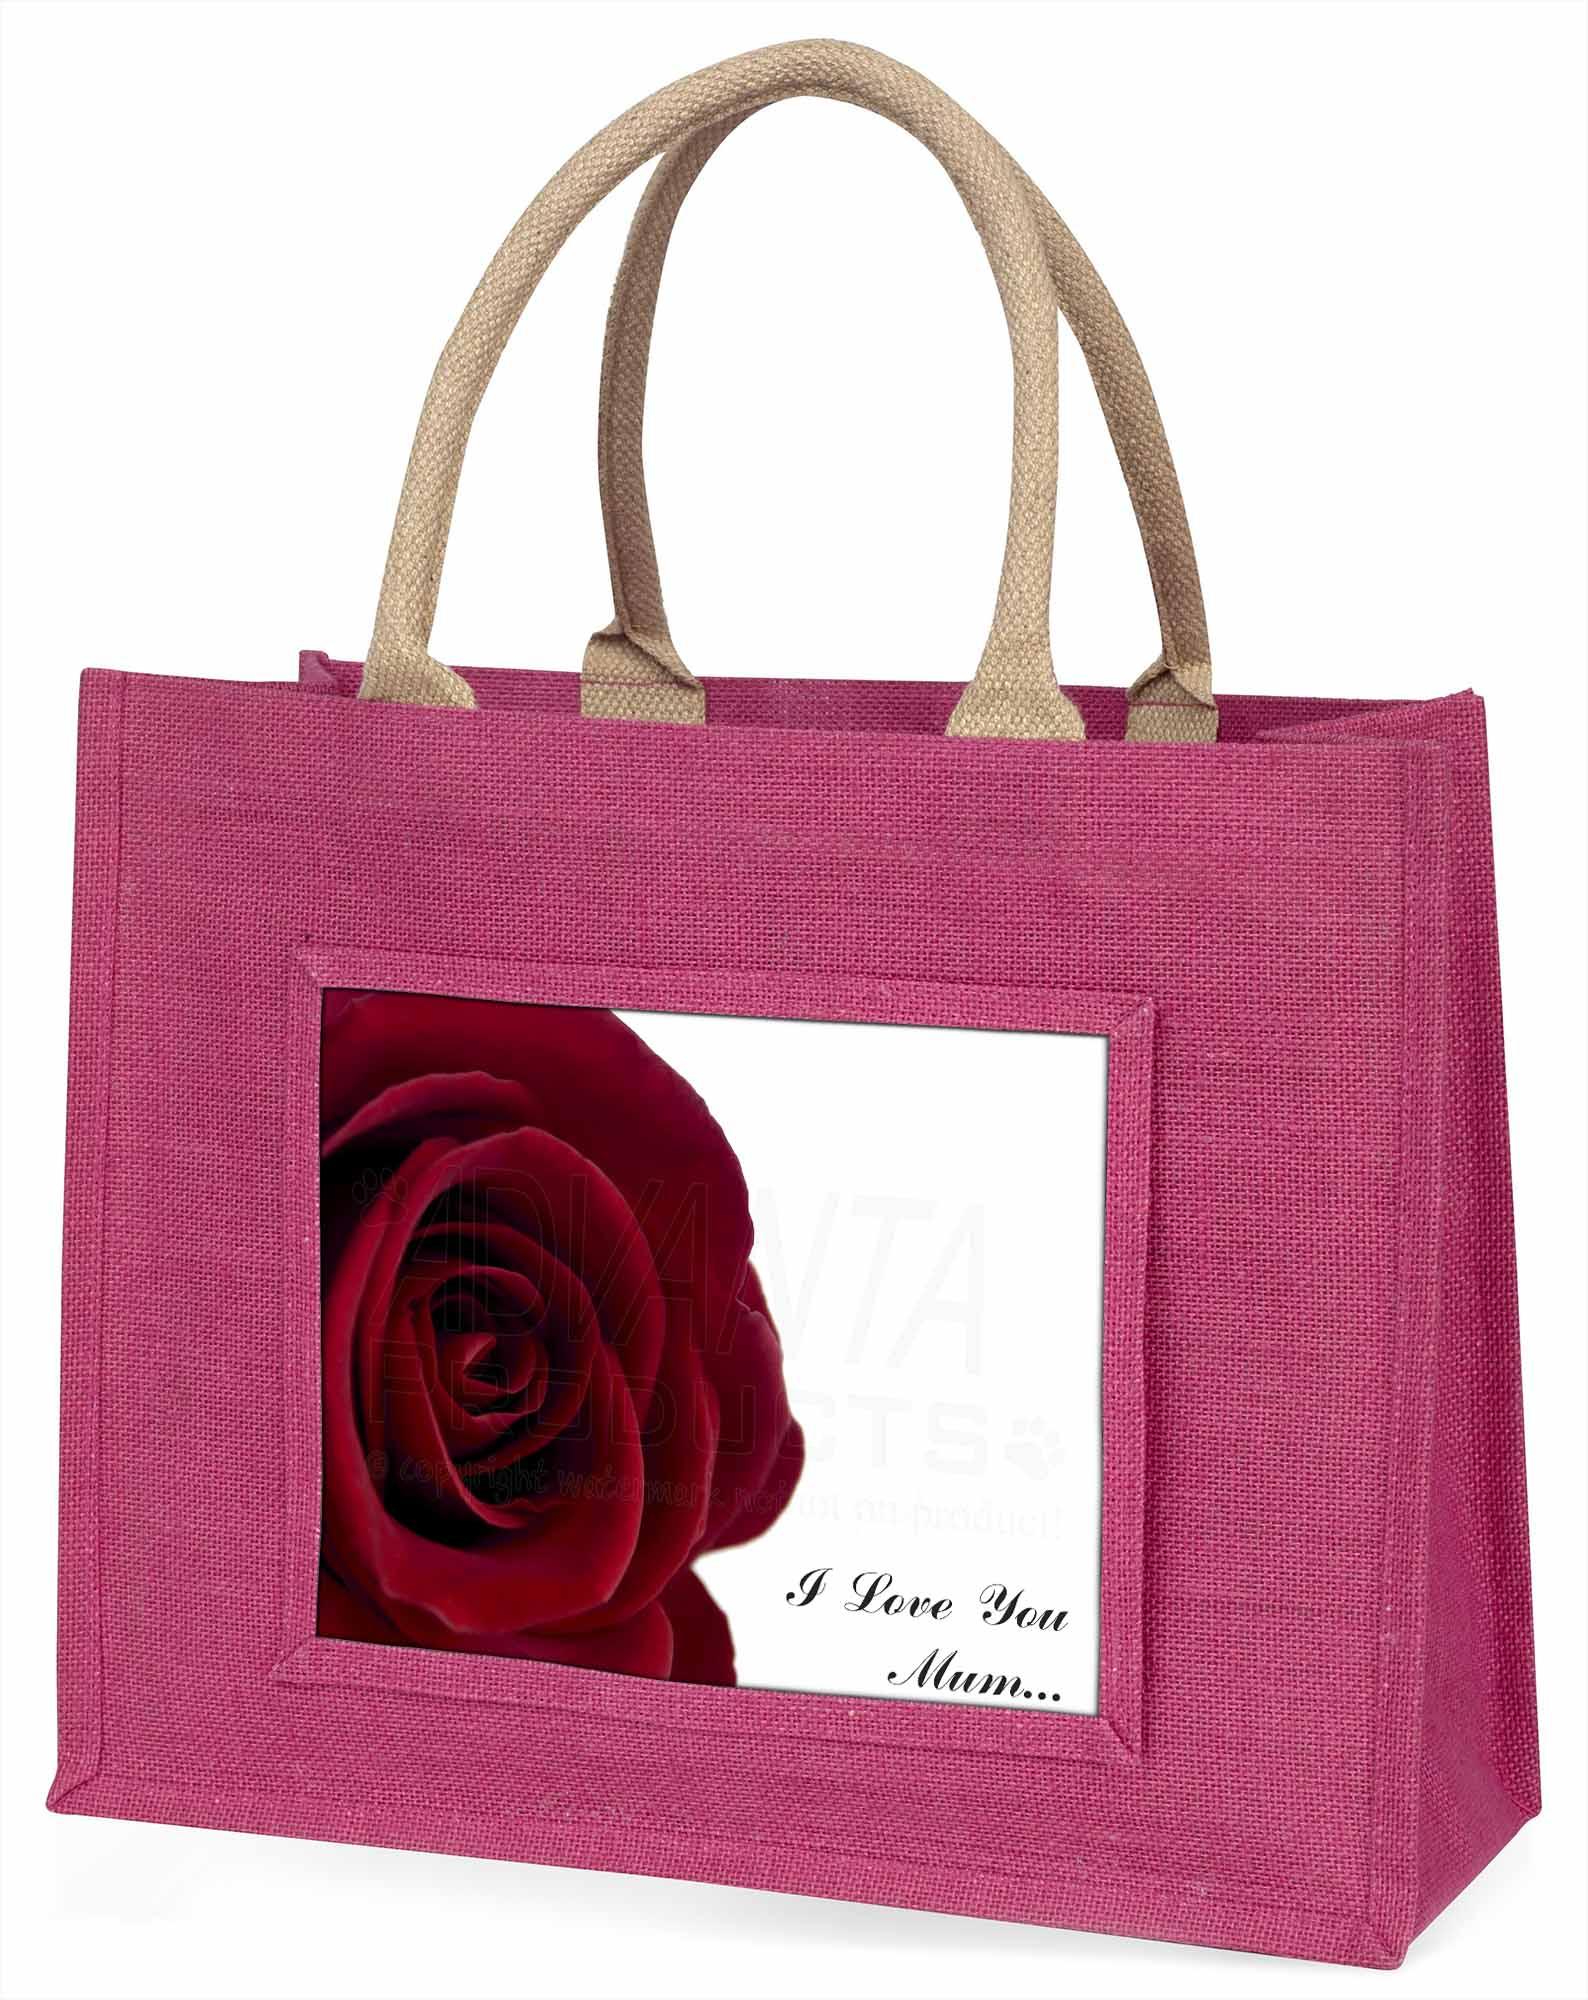 Rote Rose 'I Love You Mum 'große rosa Einkaufstasche Weihnachtsgeschenk